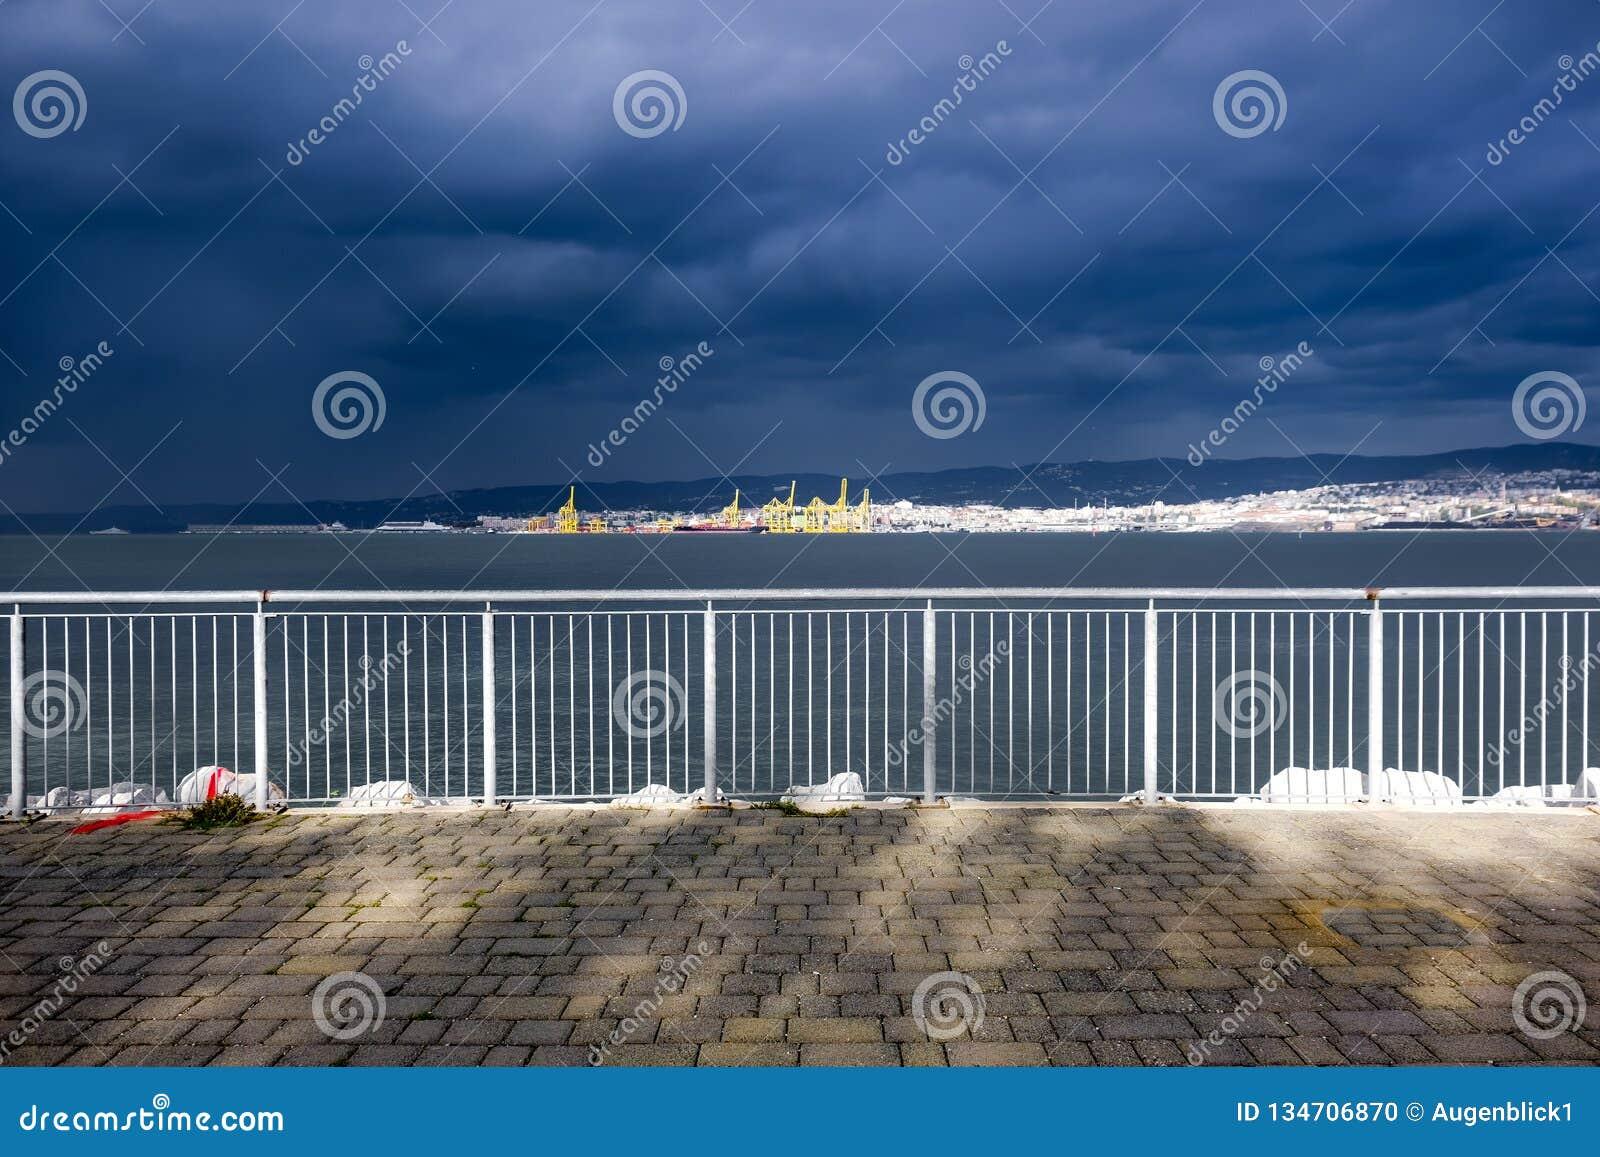 Море получает неусидчивым, шторм получает более близко